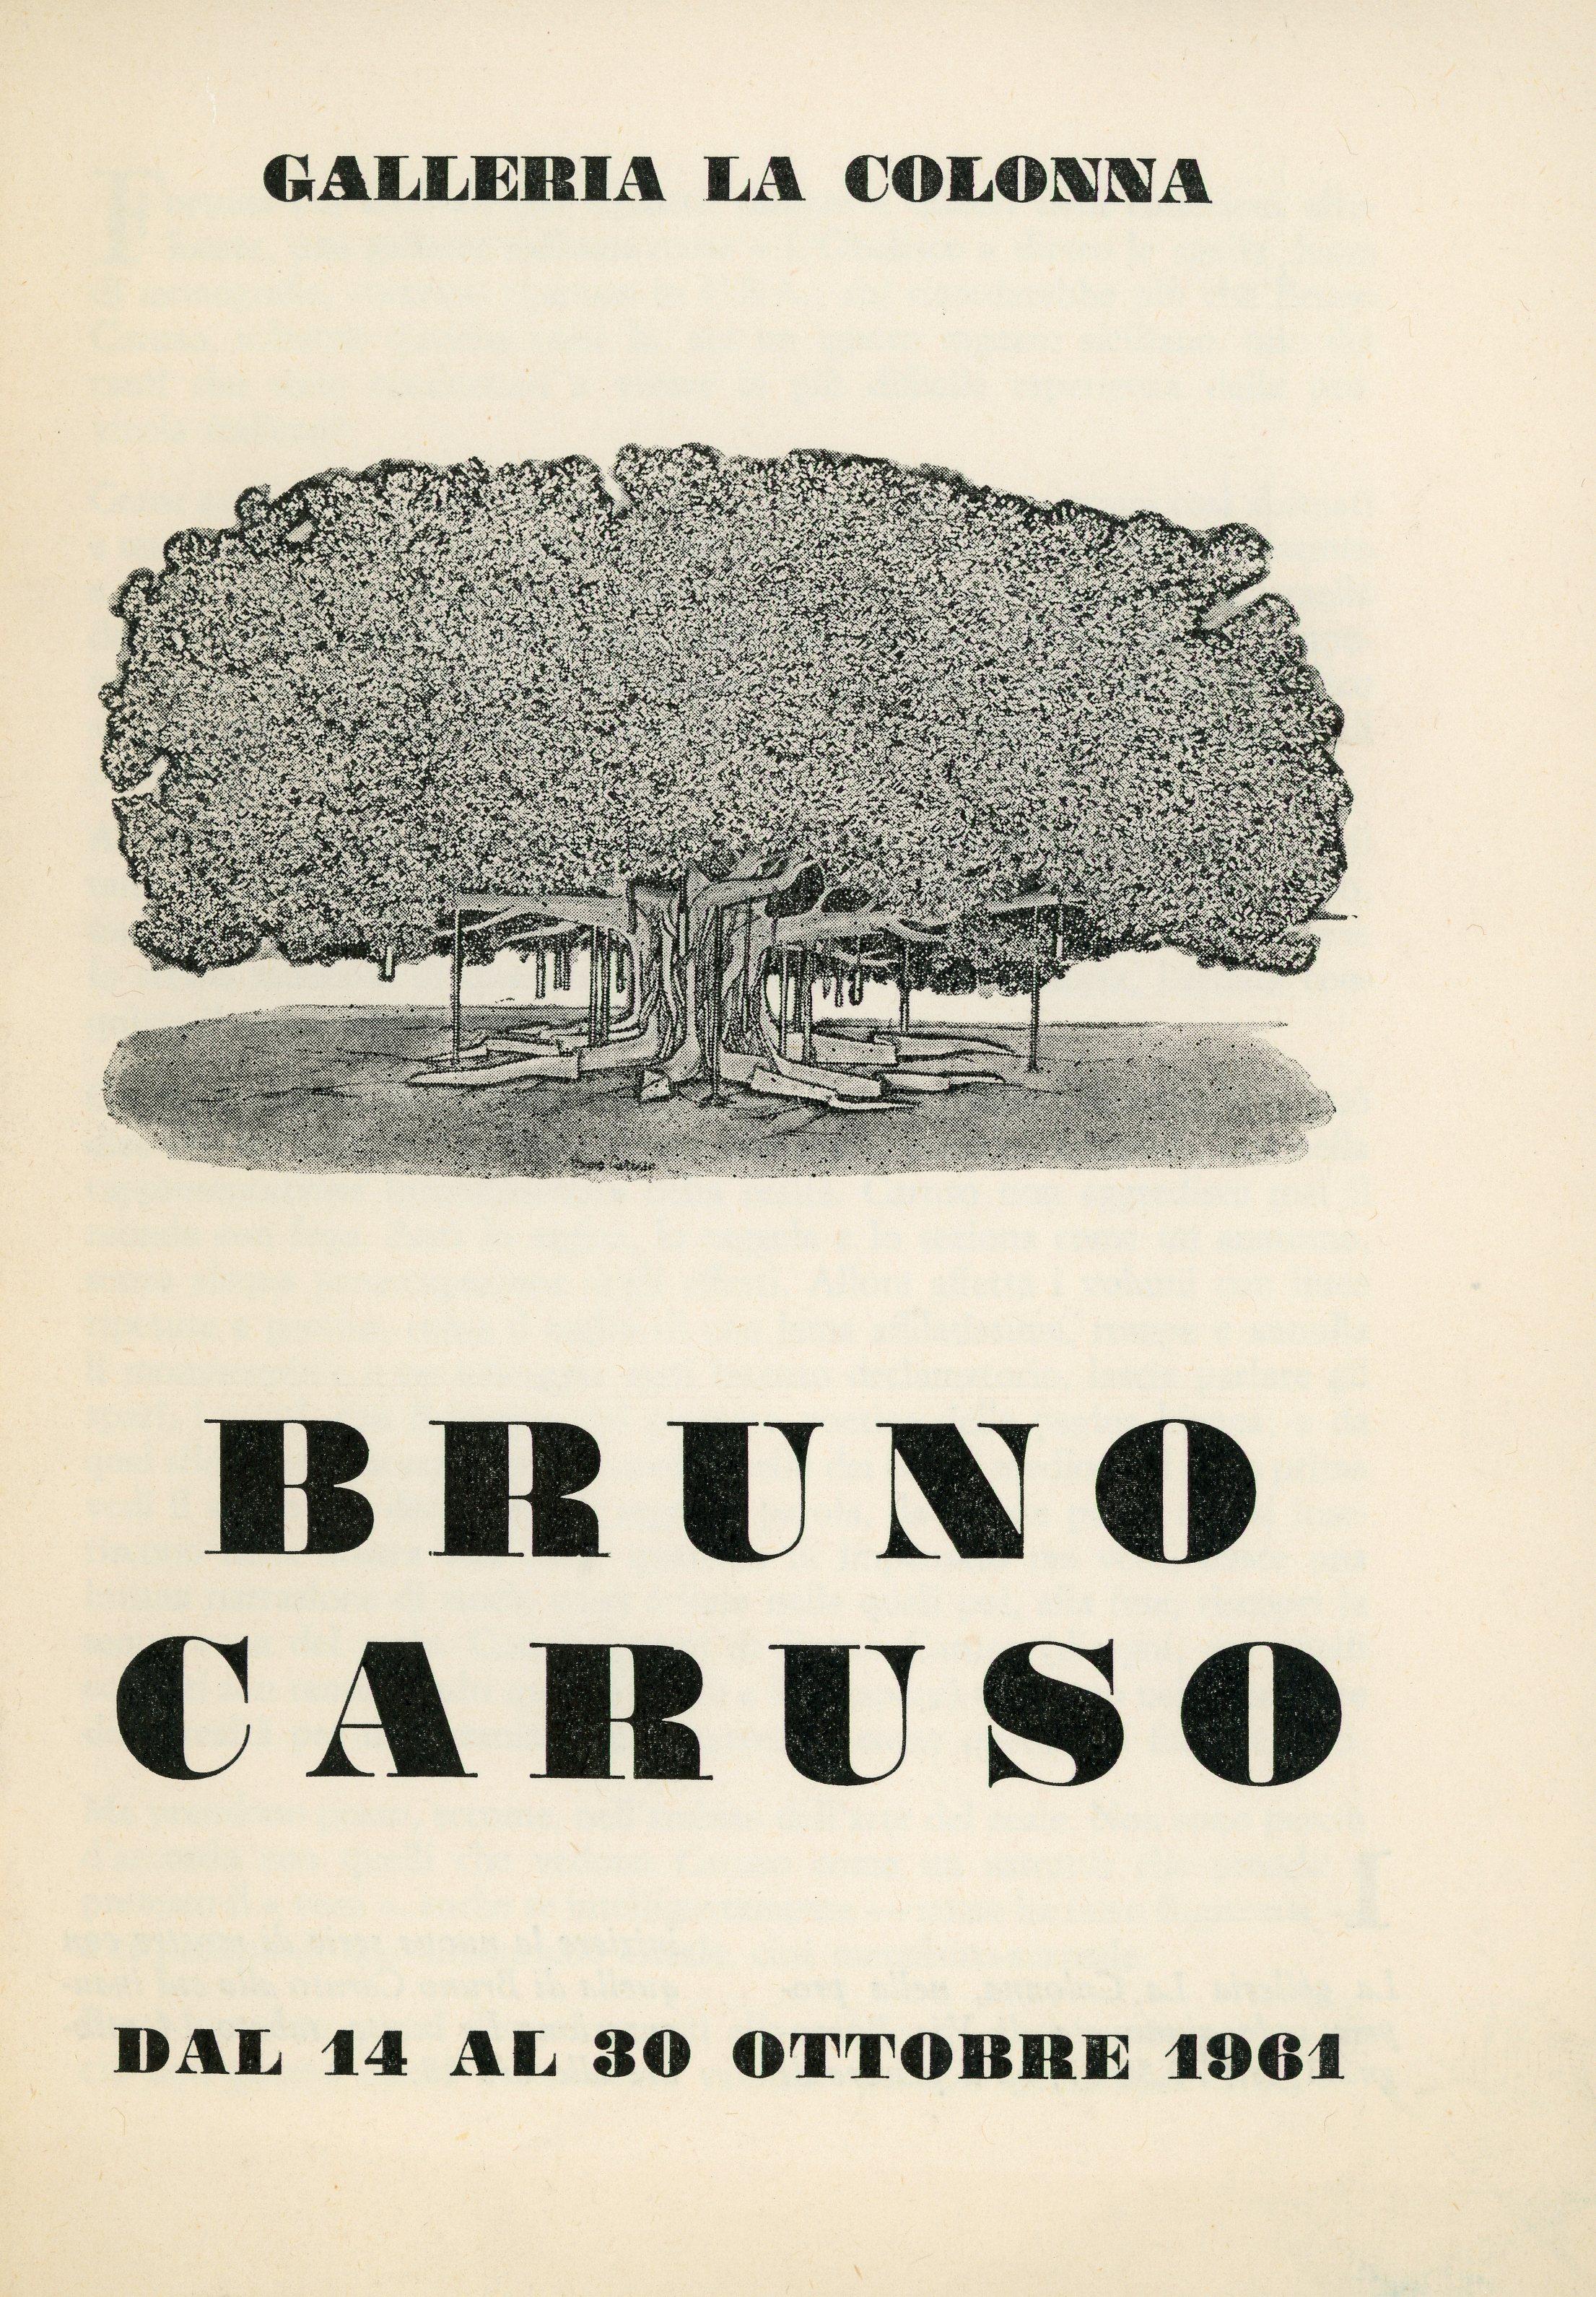 1961-10 Galleria La Colonna - Bruno Caruso_01.jpg